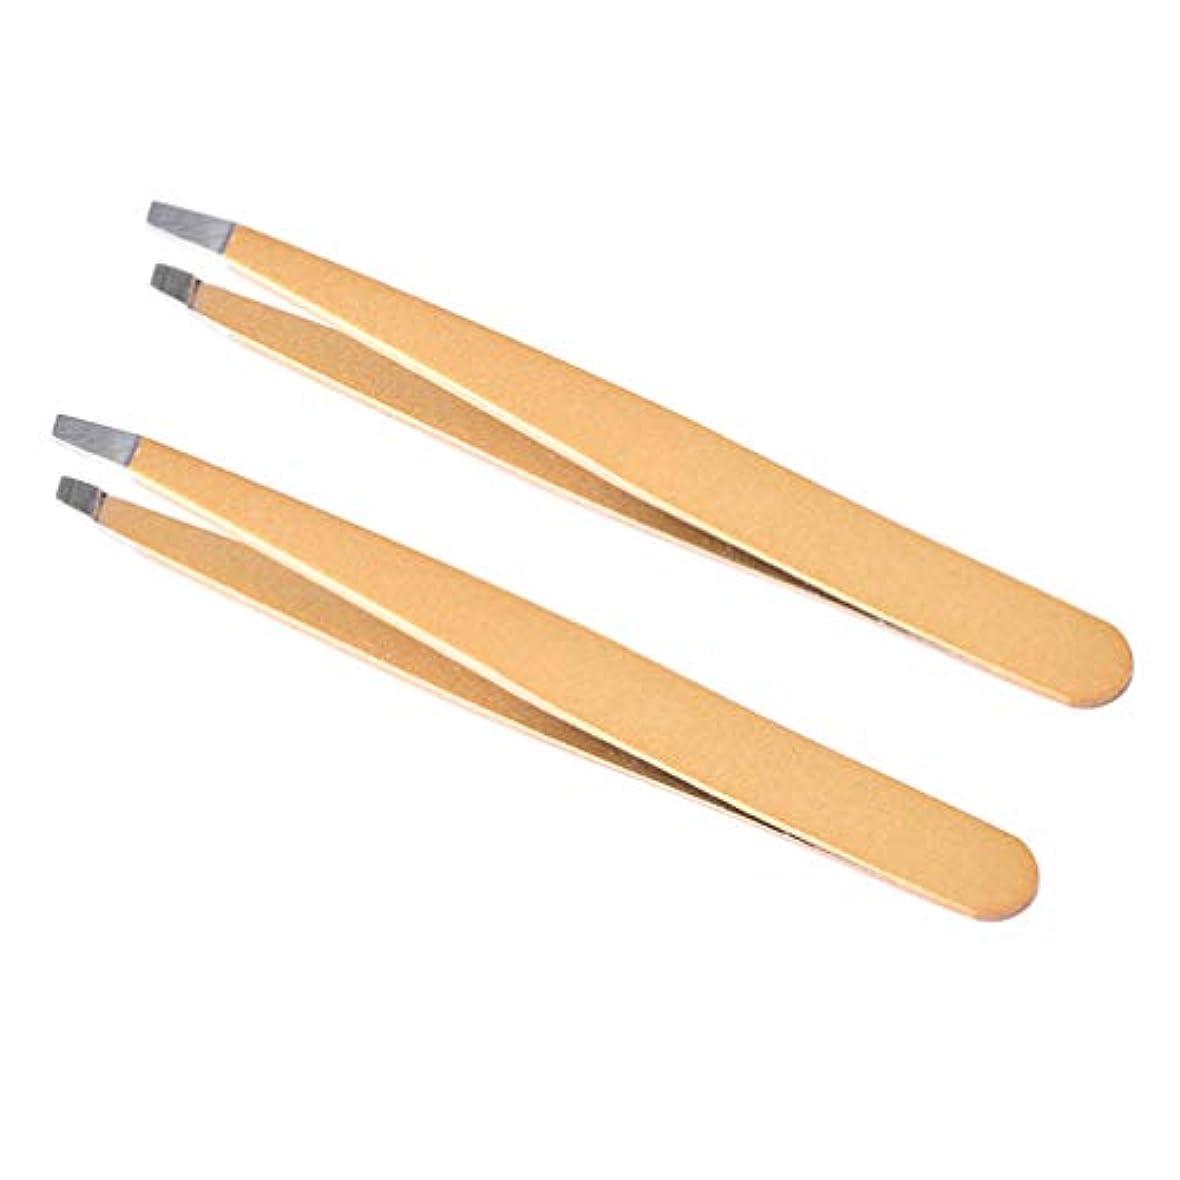 相談するダッシュライムLurrose 男性の女性のための傾斜した先端を持つ2本のステンレス製の眉毛ピンセット